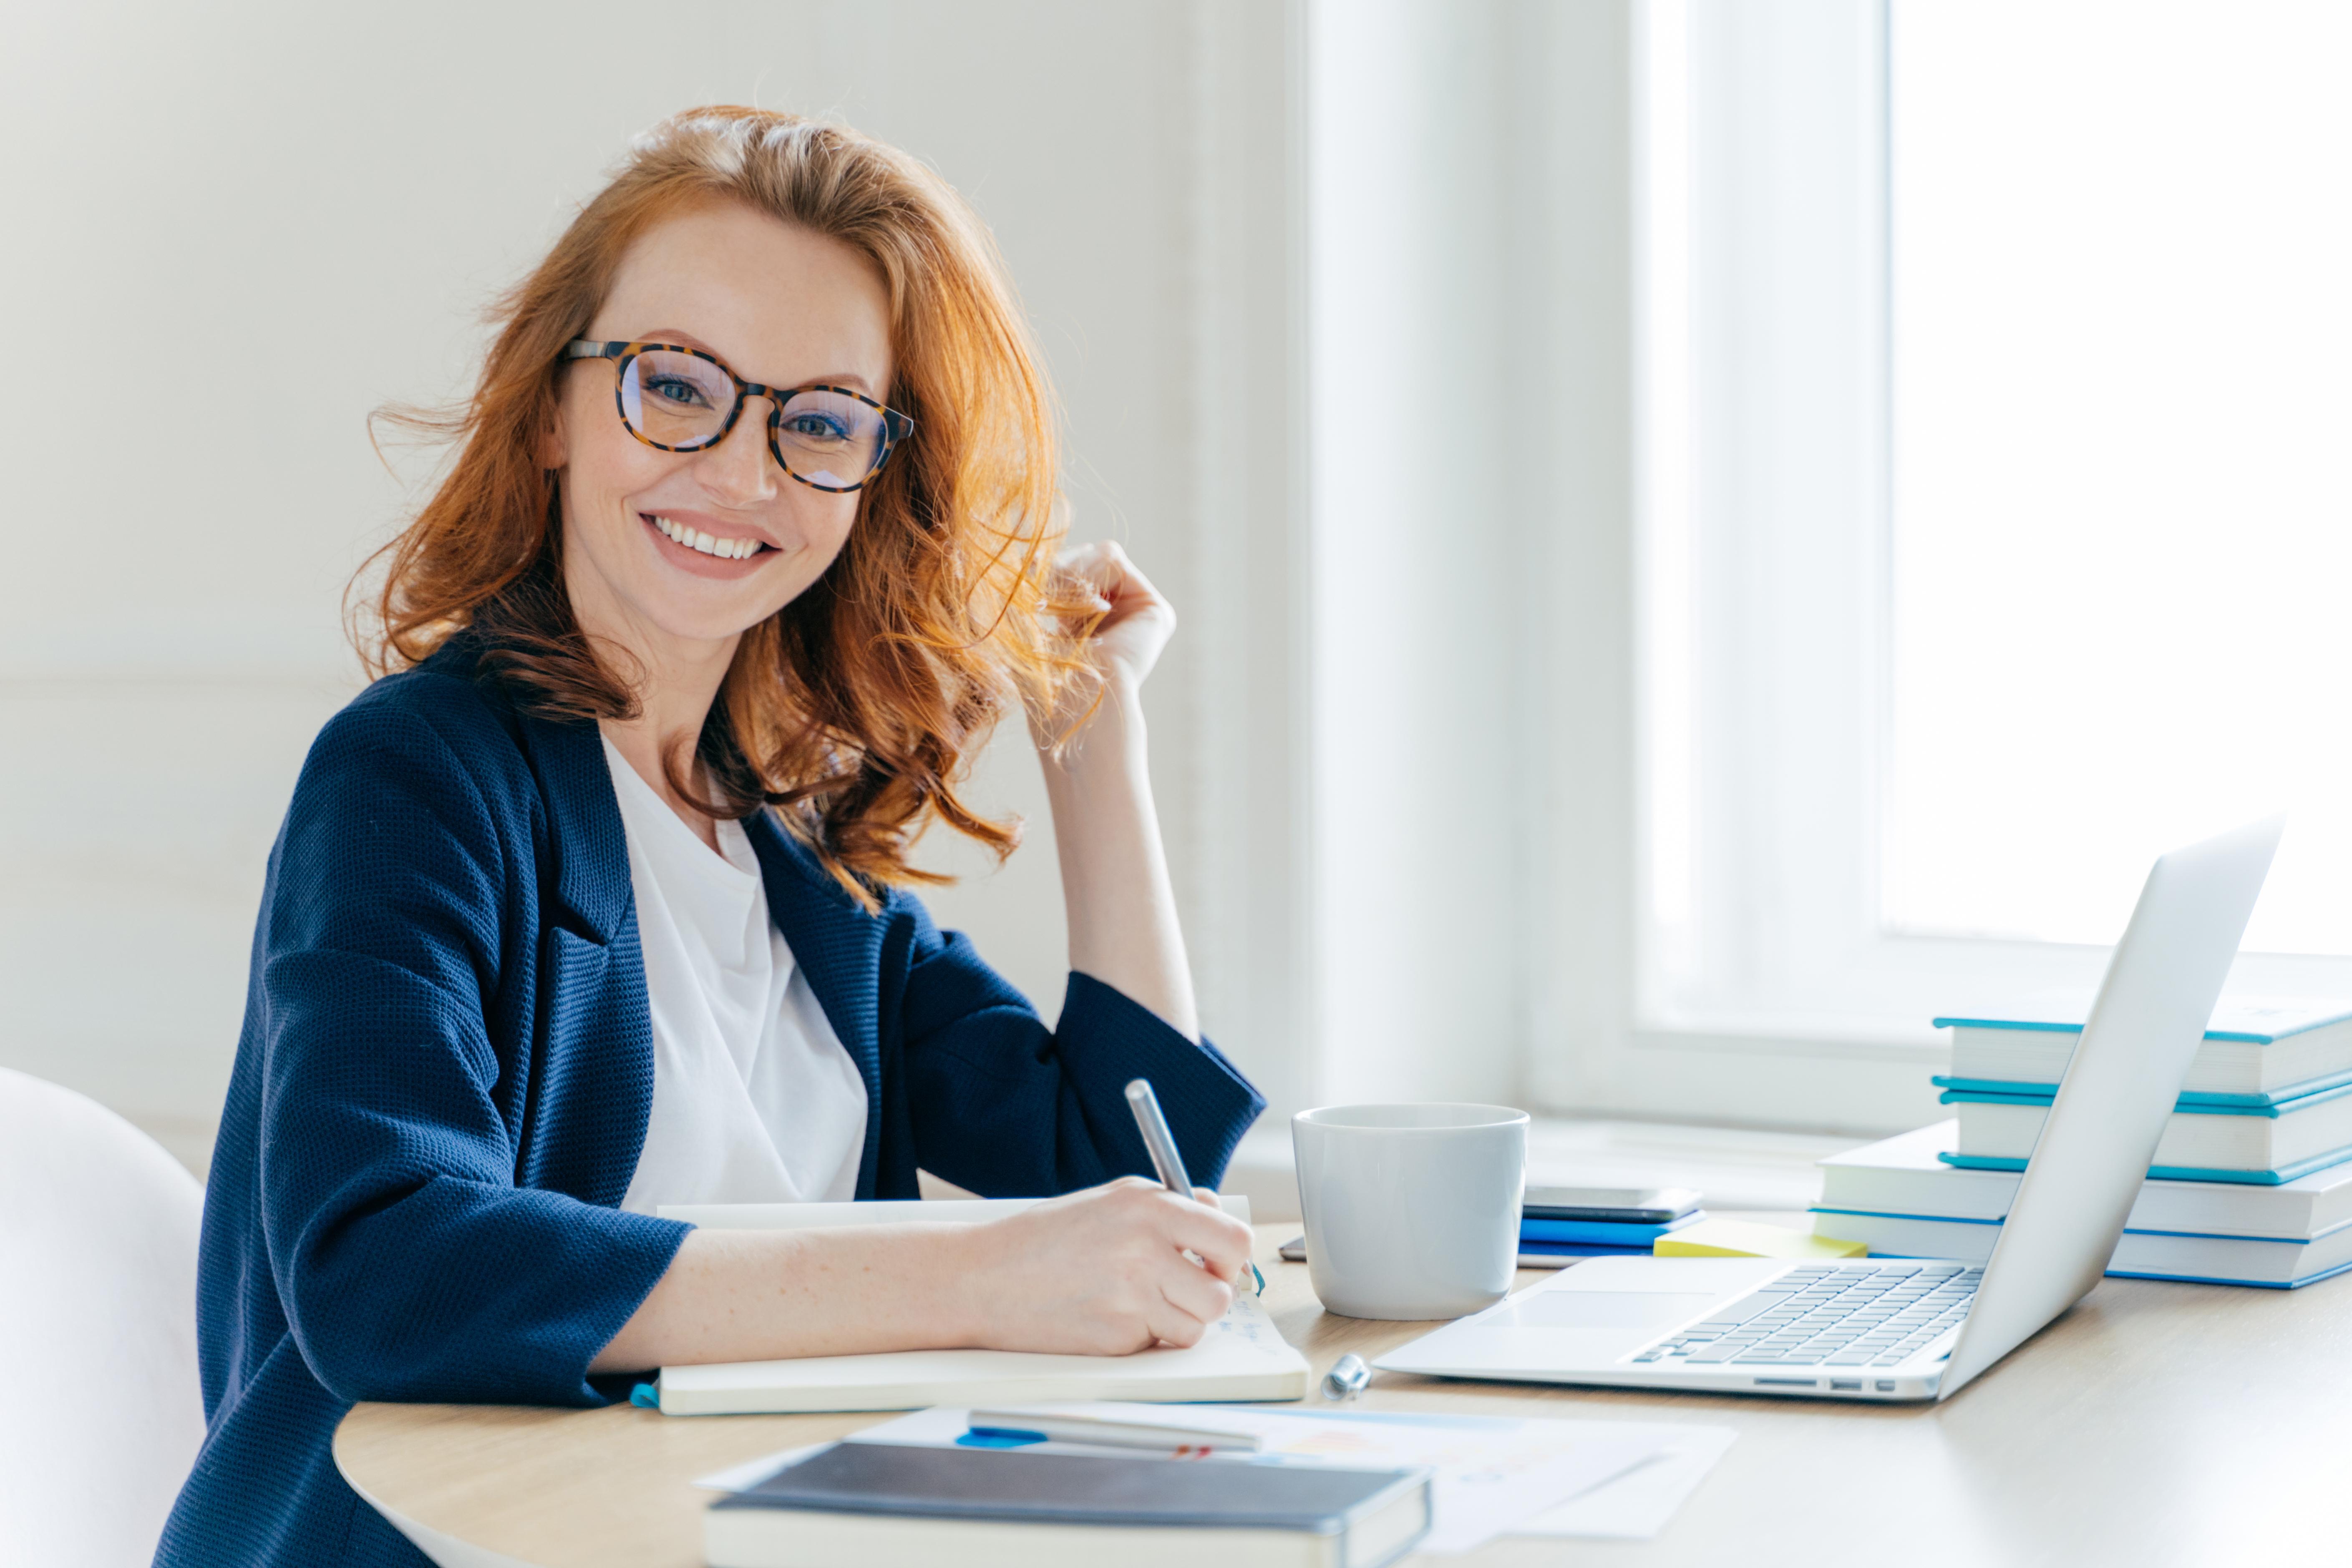 Conheça 6 maneiras de tirar o máximo proveito do aprendizado remoto